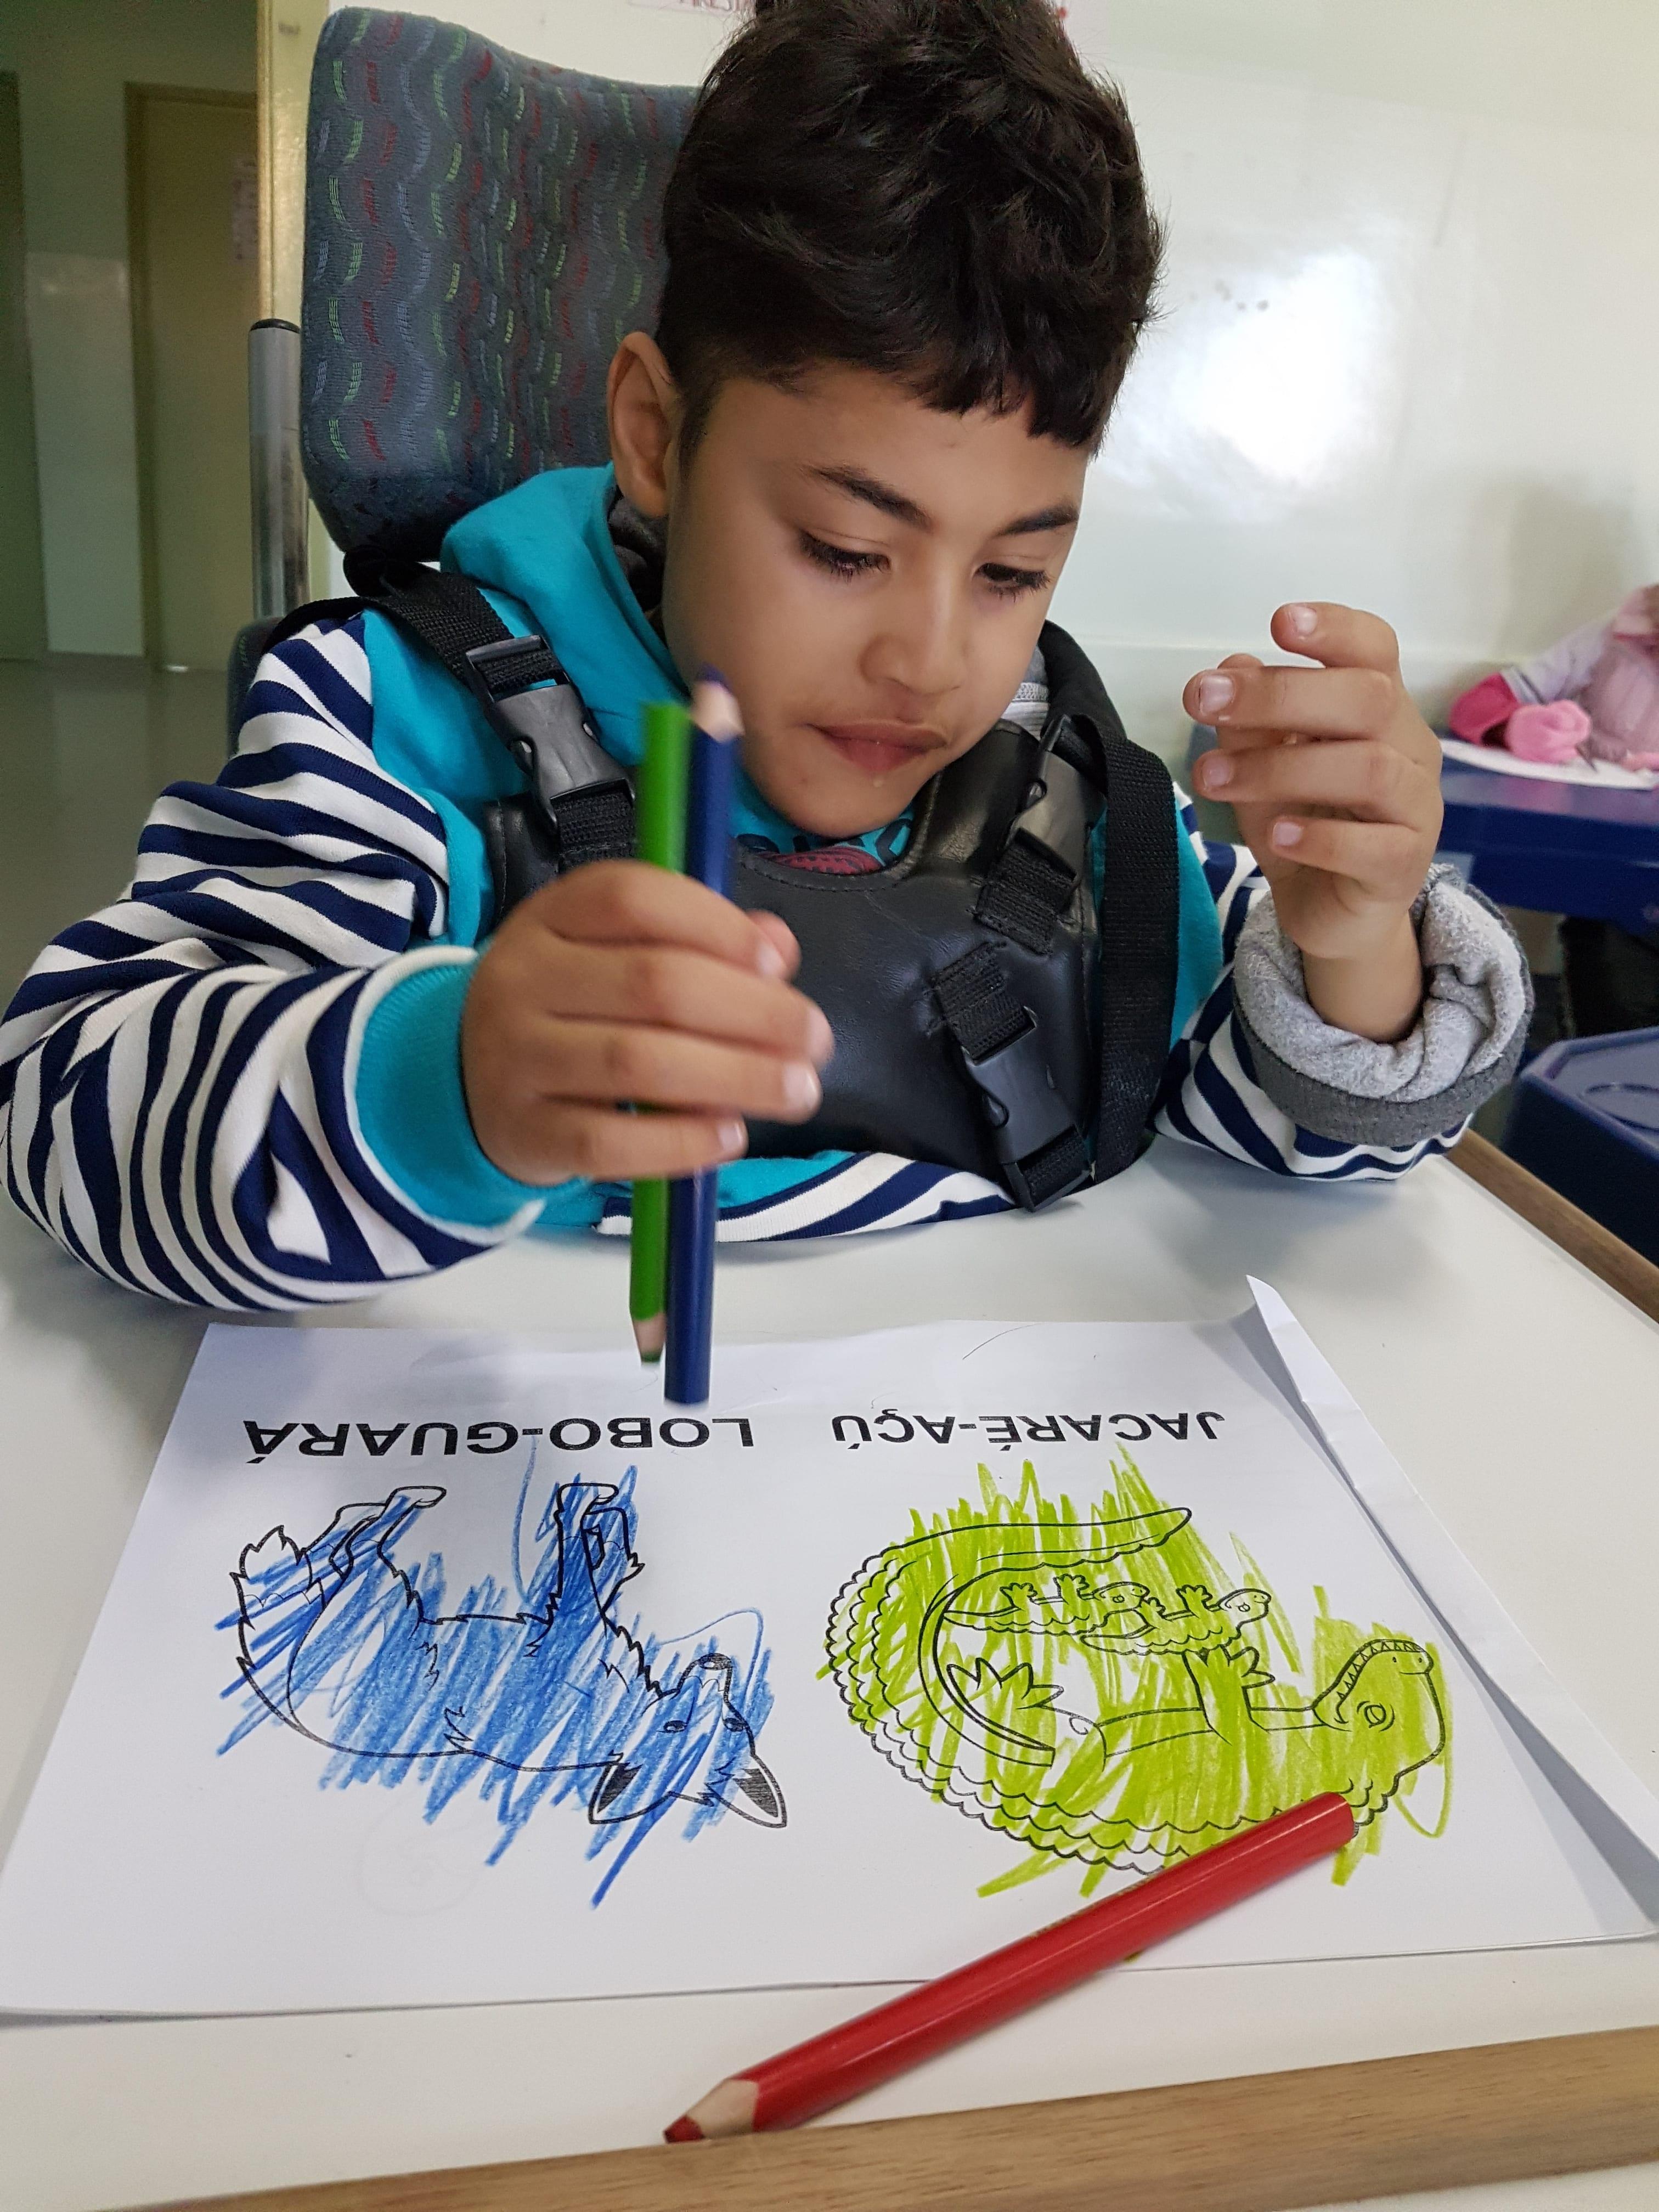 professora promove inclusão aluno necessidades especiais